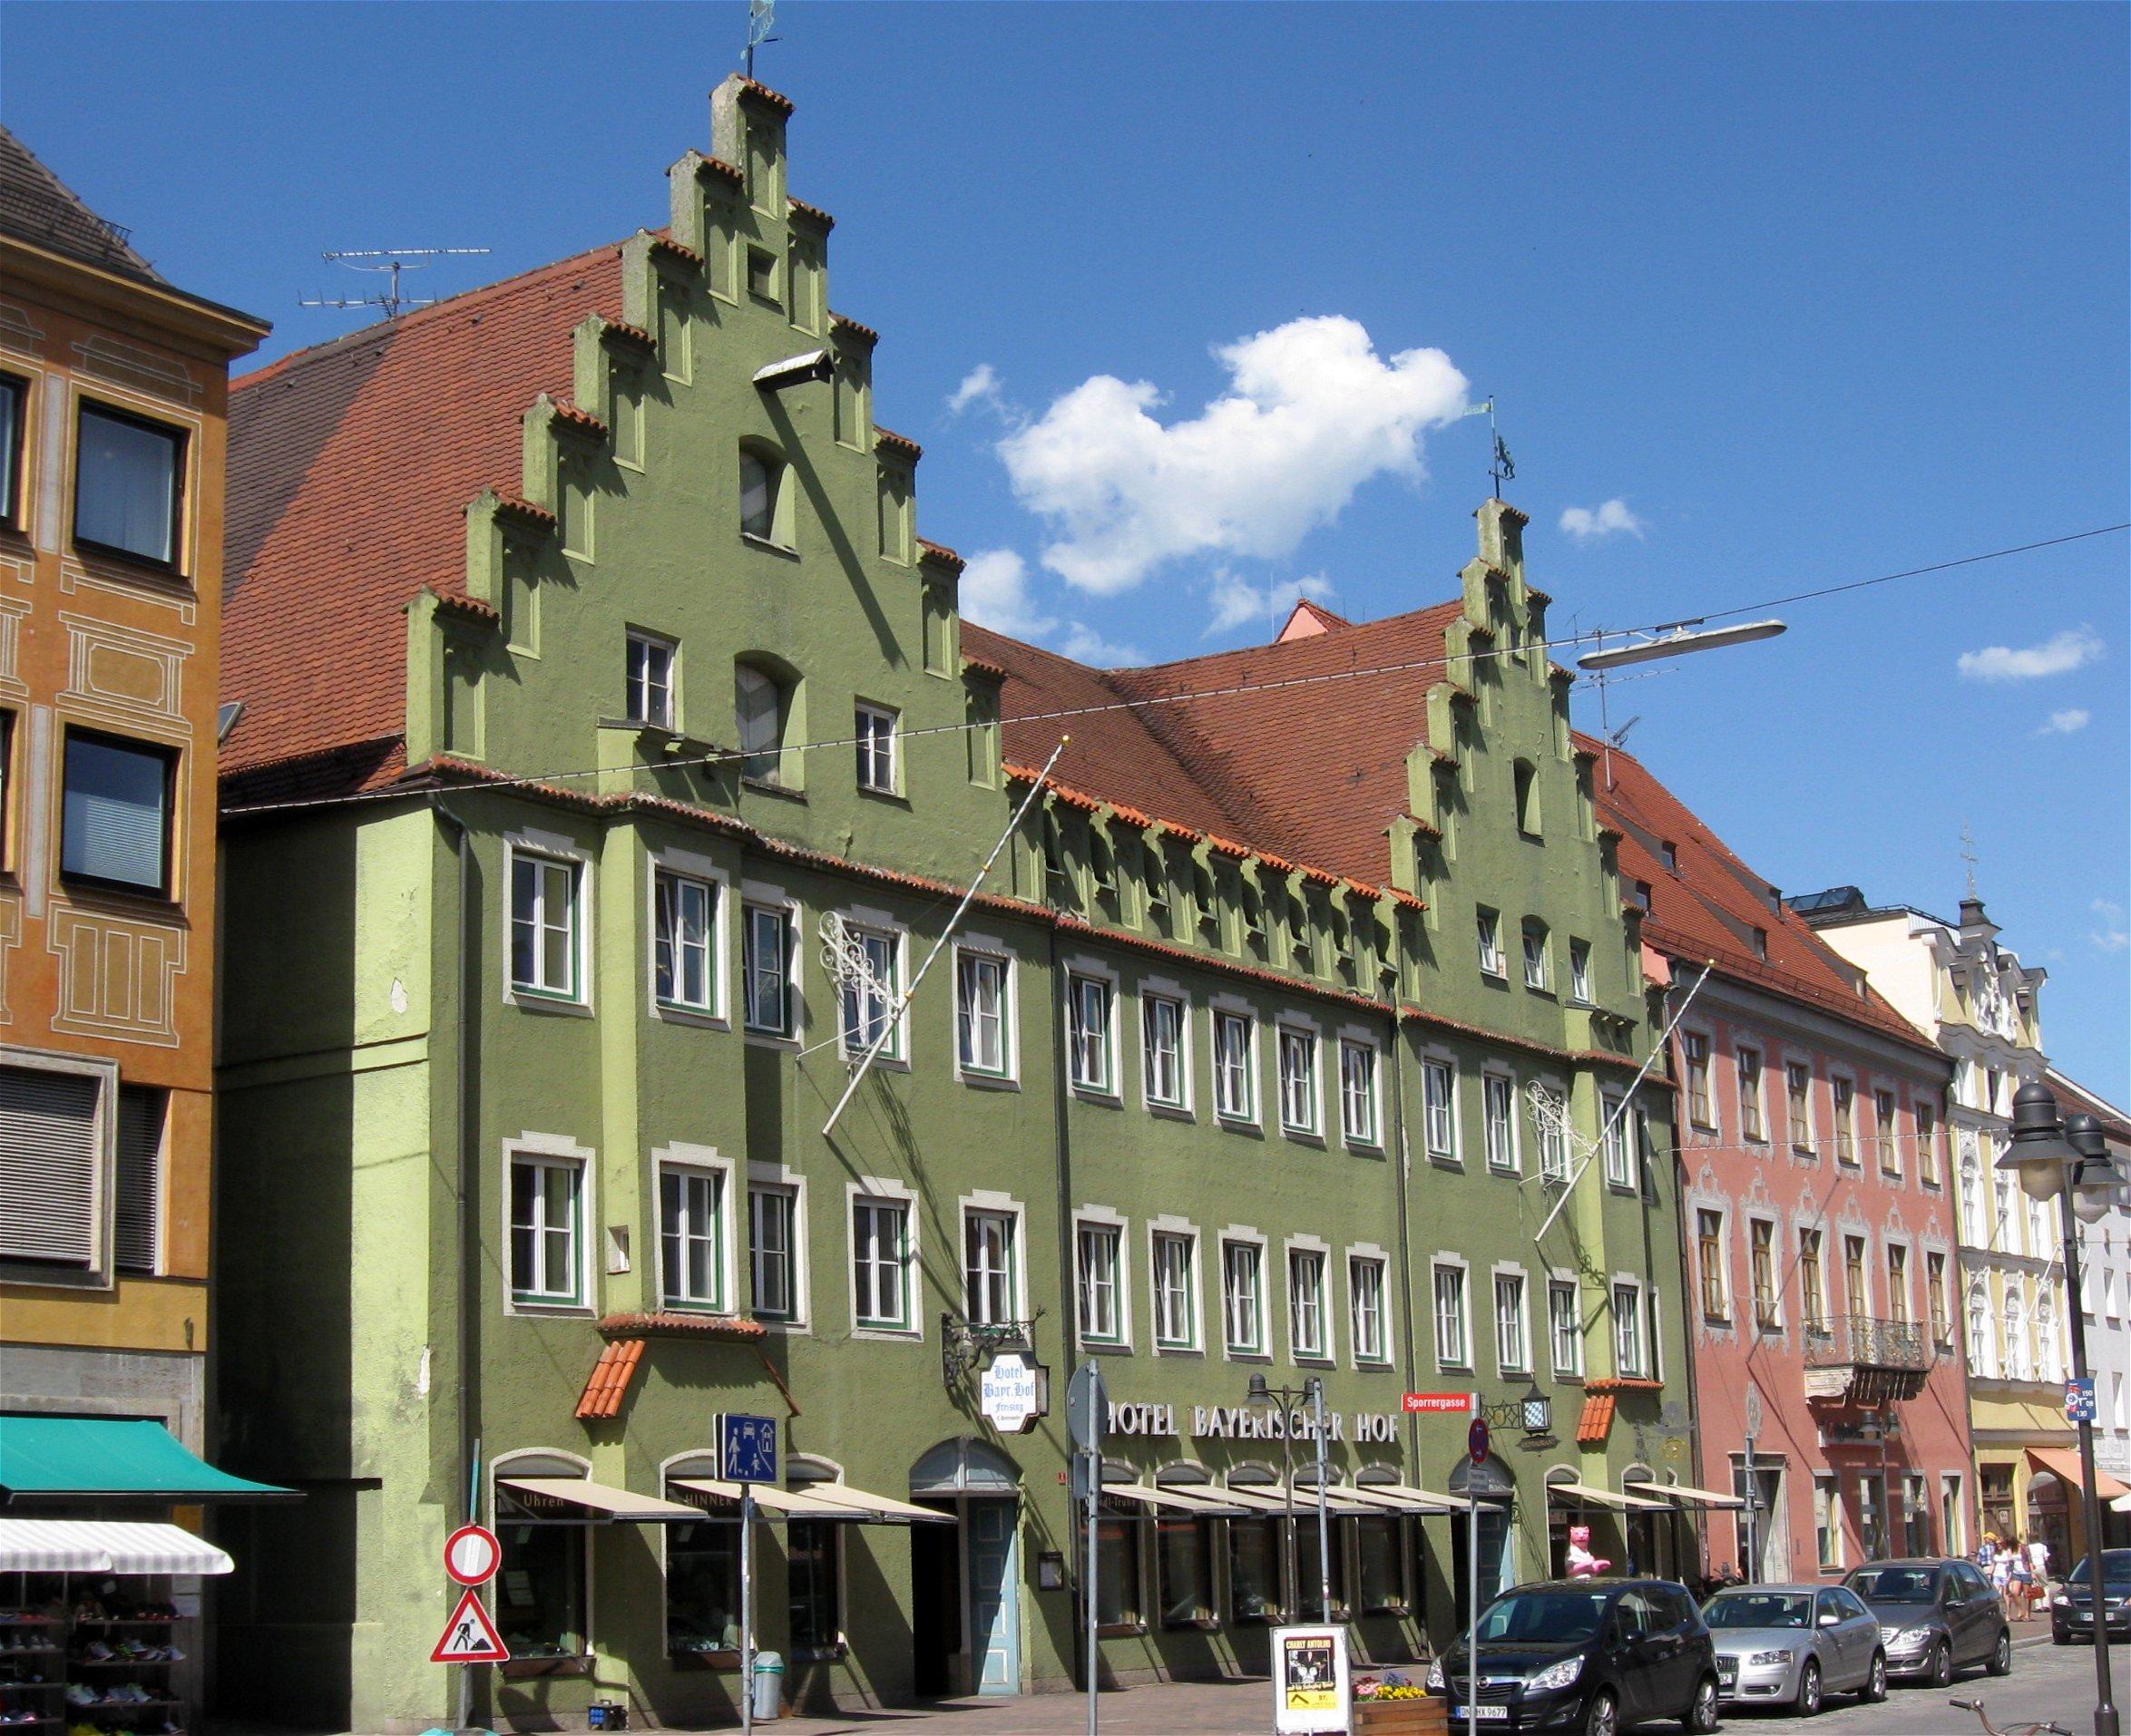 Hotel Bayerischer Hof M Ef Bf Bdnchen Stammgaste